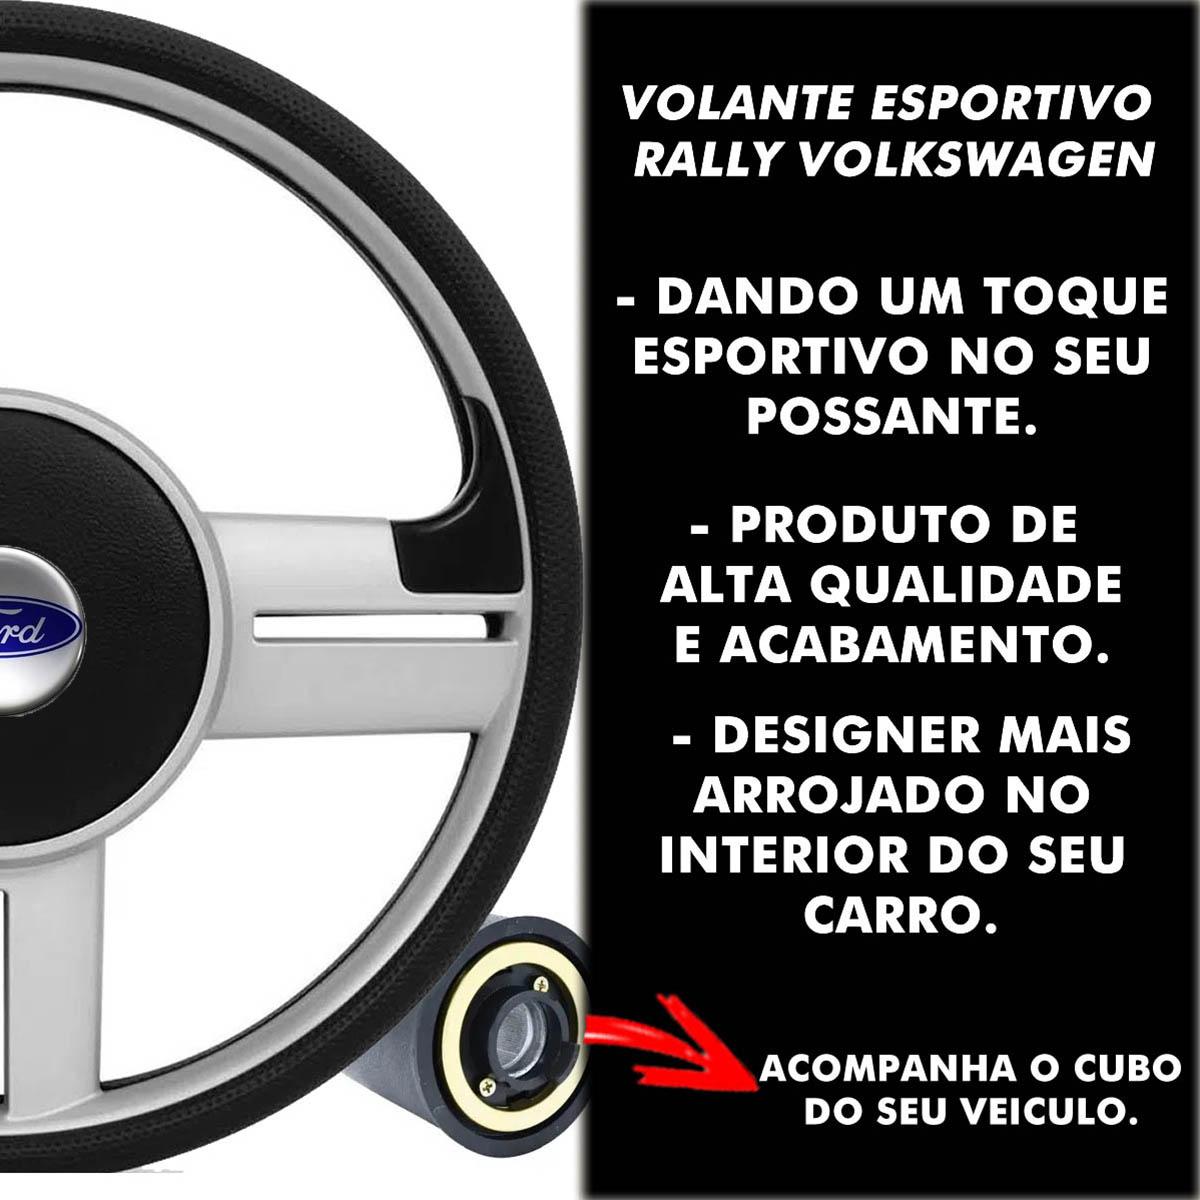 Volante de Ford Surf Rallye Esportivo Cubo Corcel Maverick Del Rey Poliparts